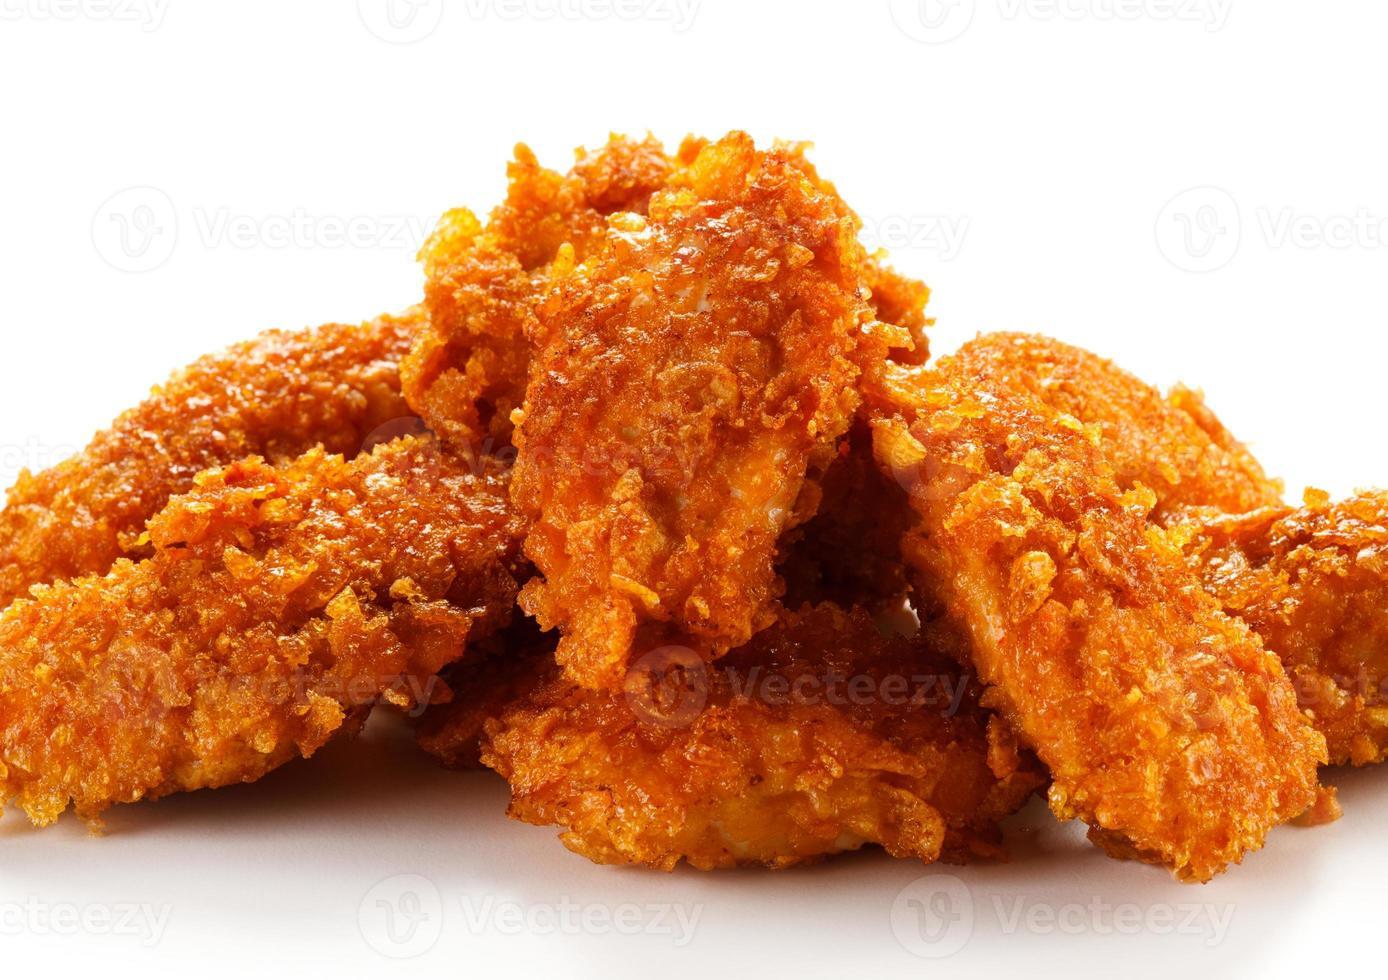 bocconcini di pollo su sfondo bianco foto